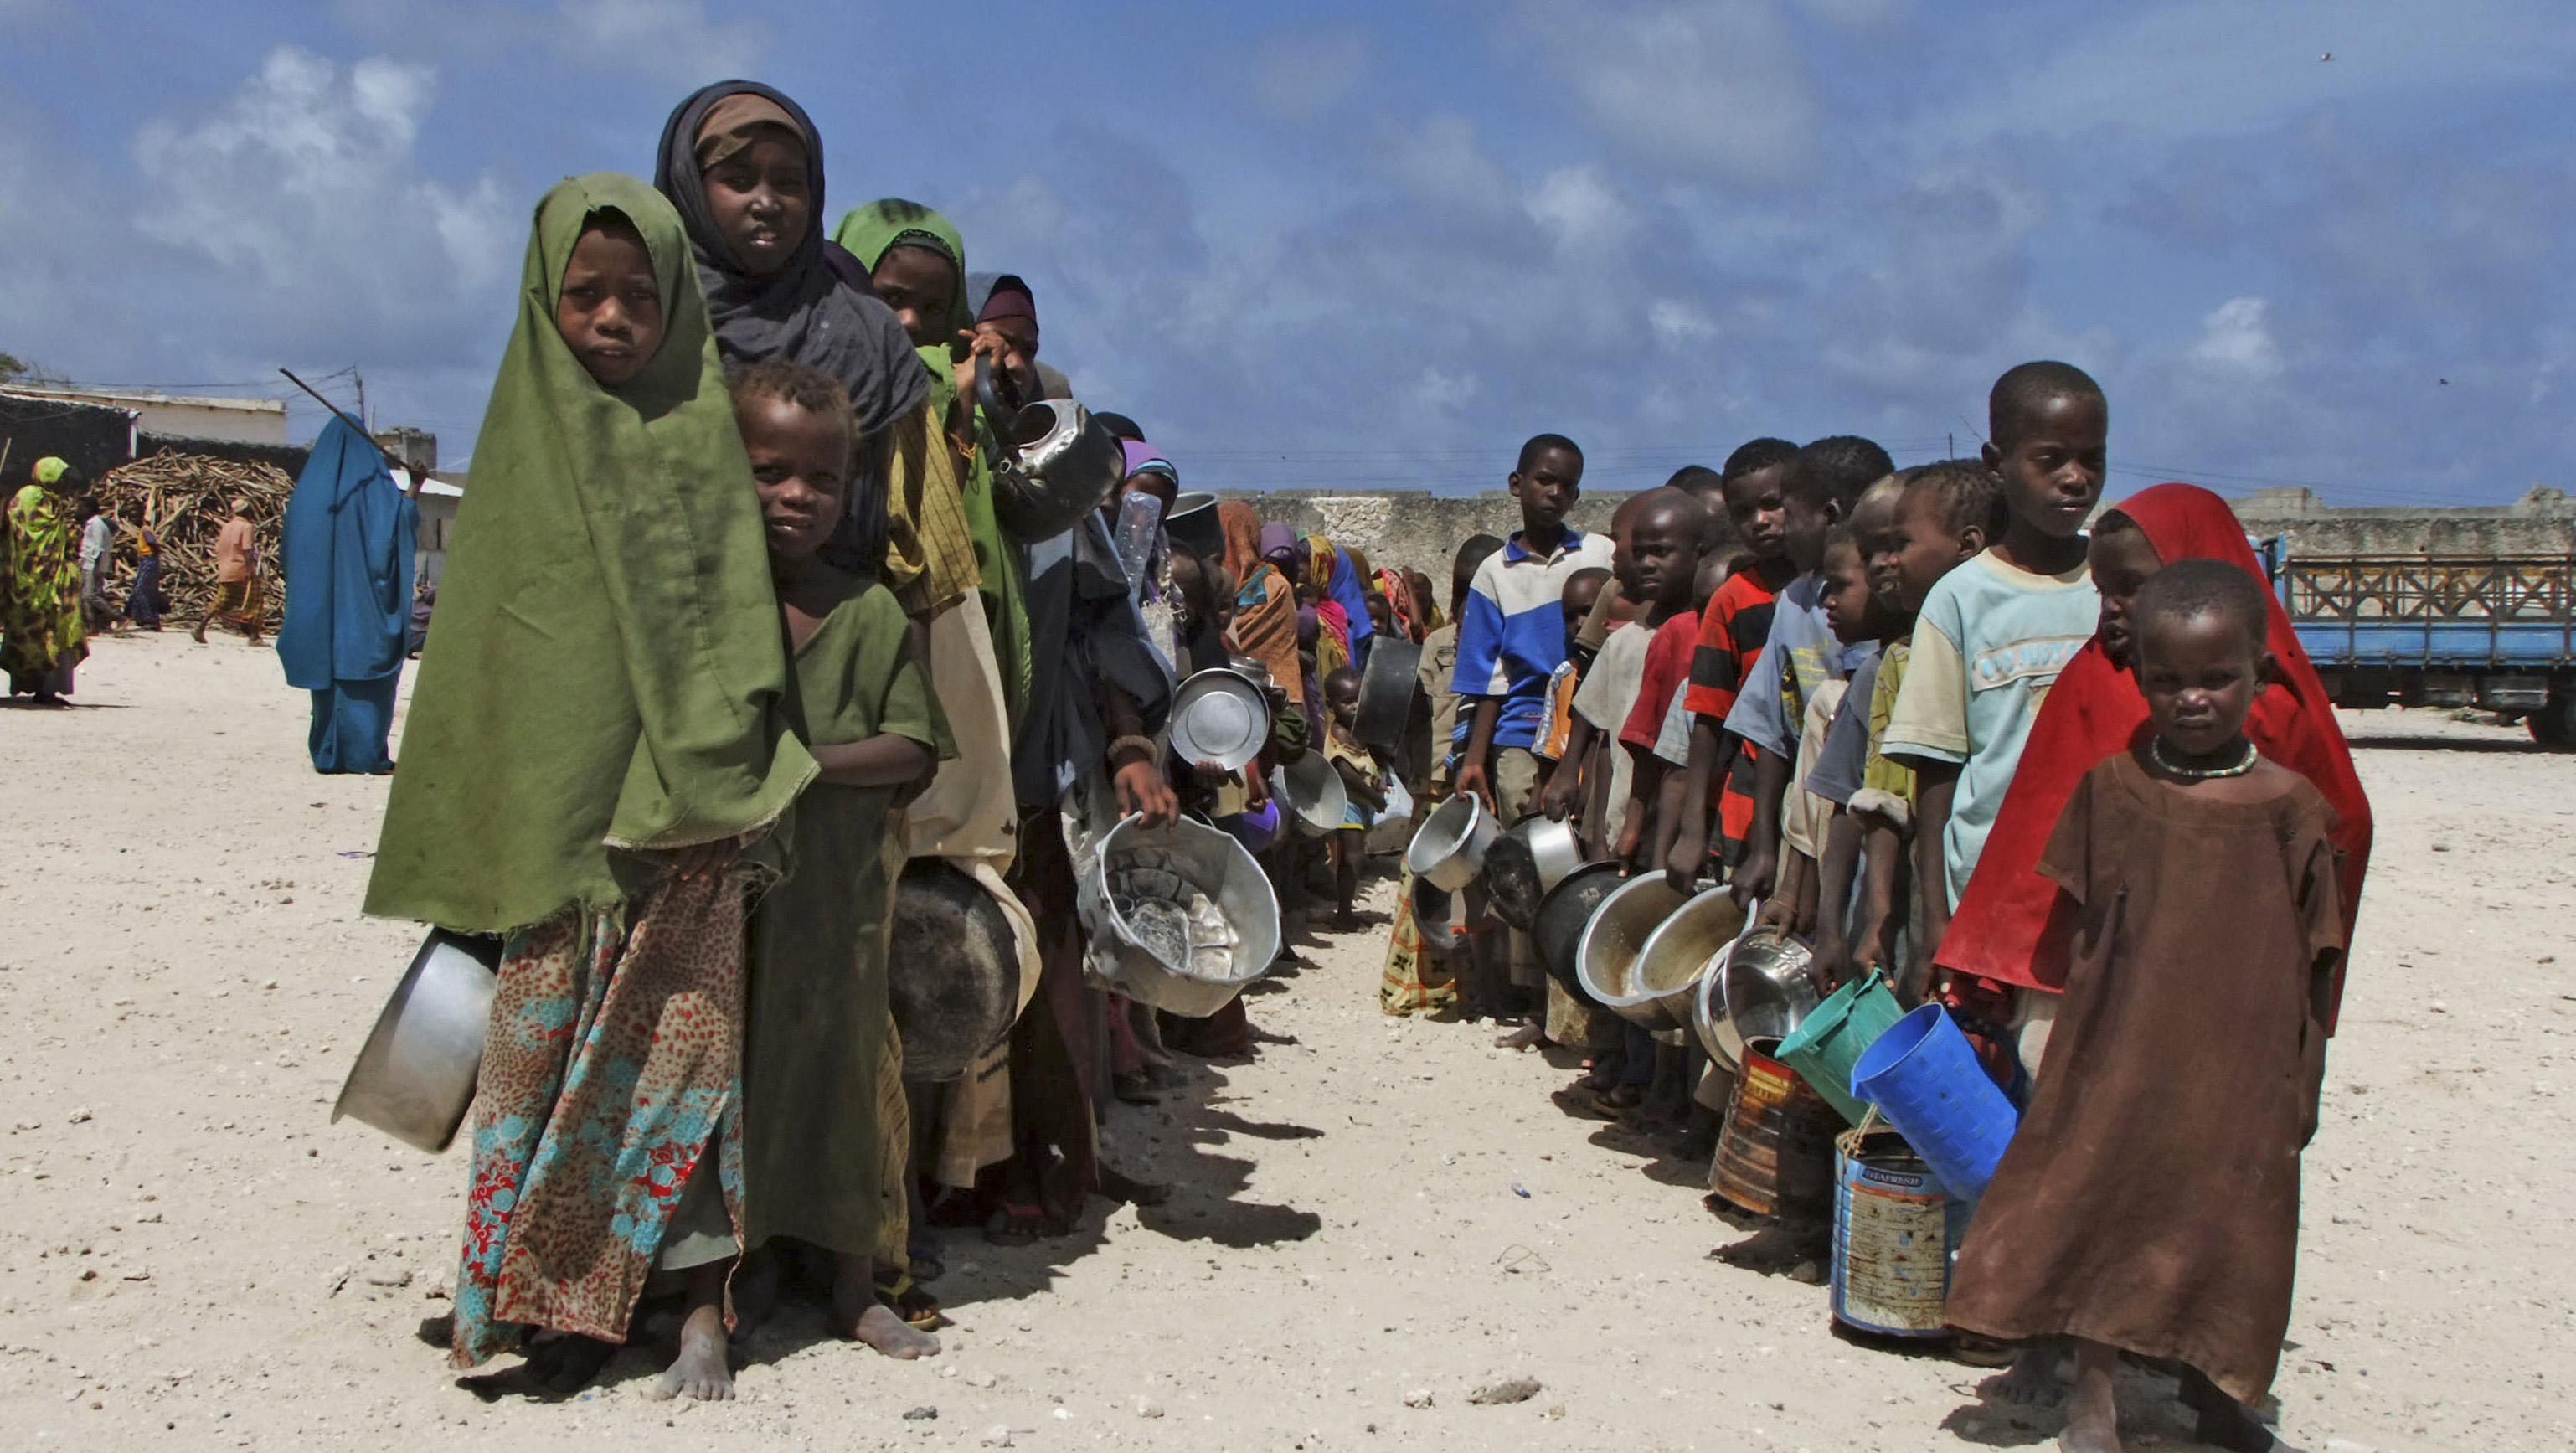 allarme-dell-onu-per-la-somalia-tragedia-umanitaria-per-milioni-di-persone-a-rischio-carestia